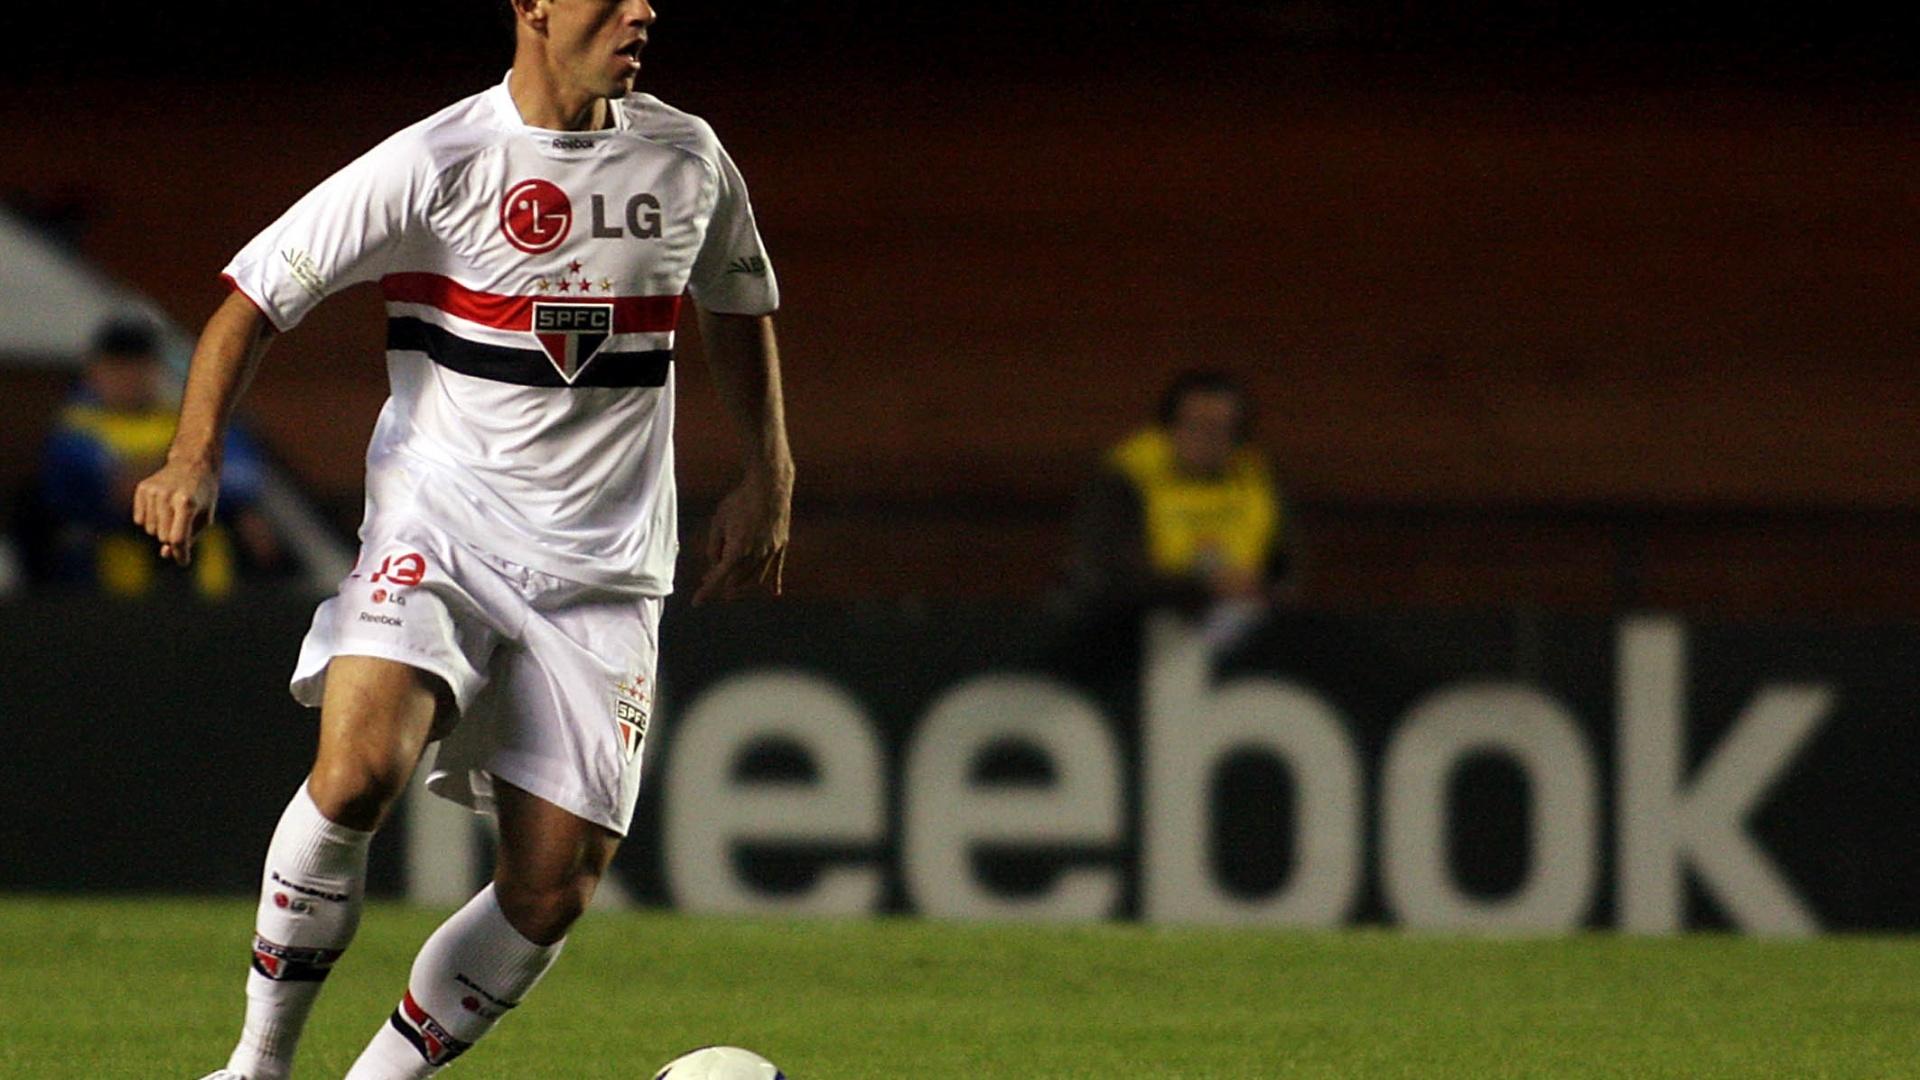 Zagueiro Jean Rolt, ex-São Paulo, acertou contrato com Náutico